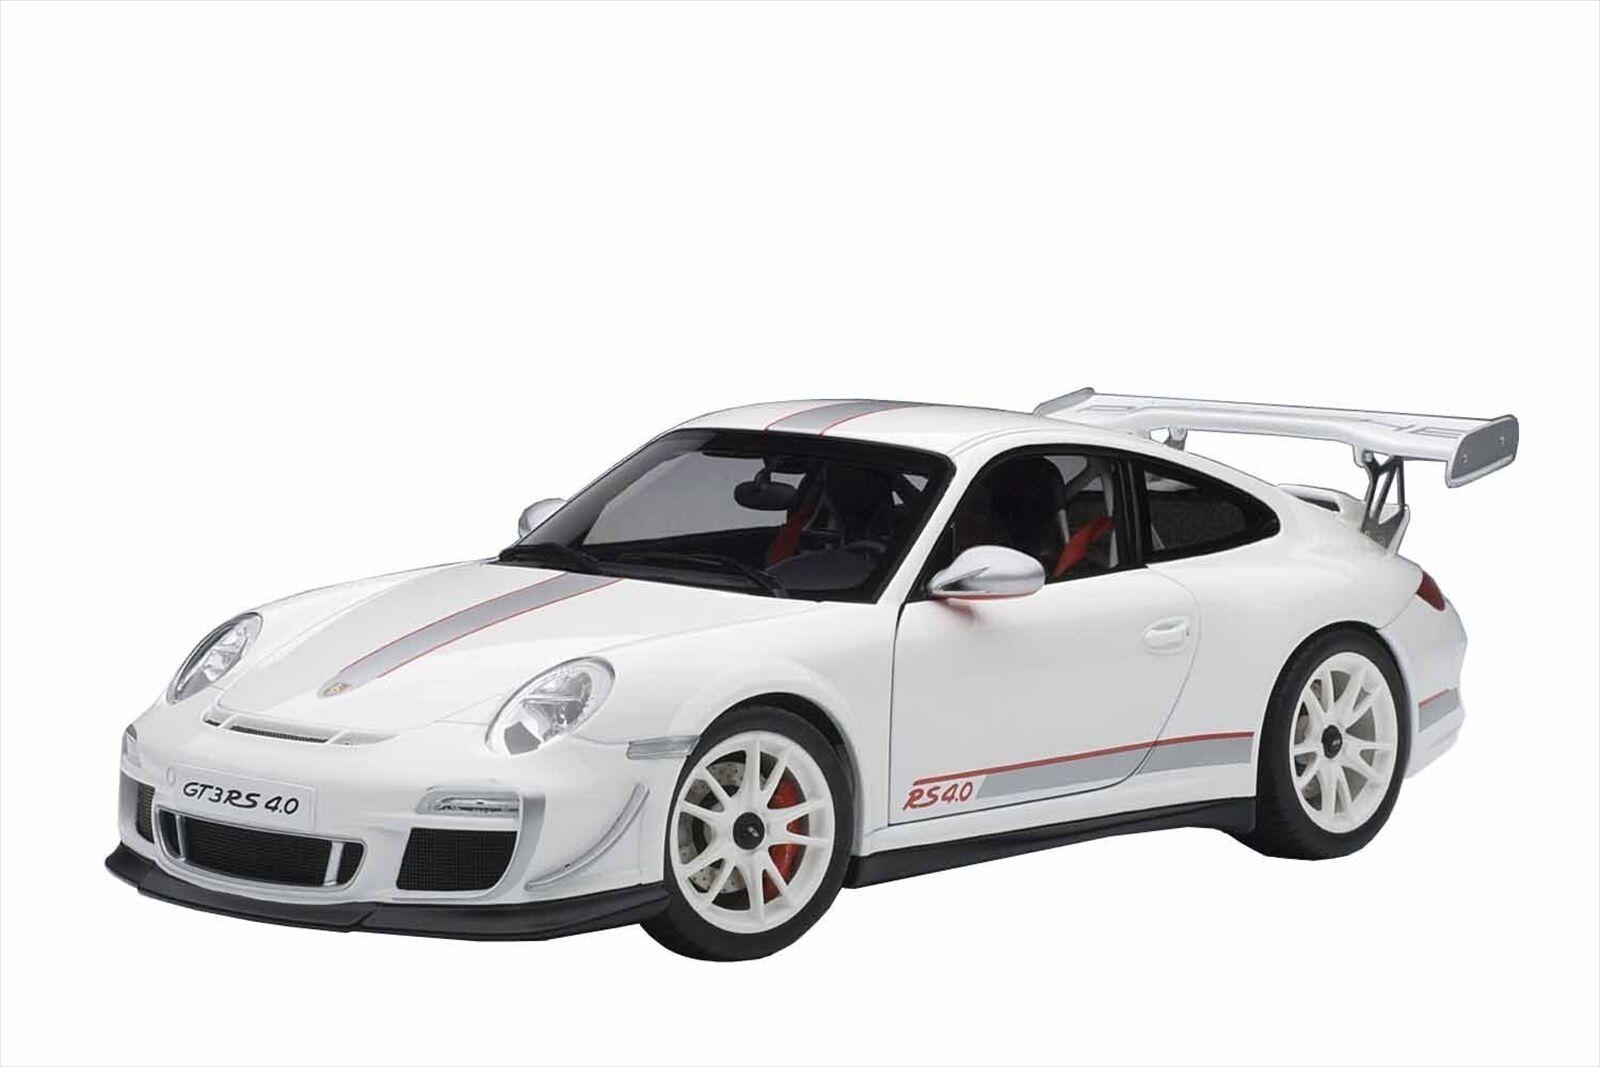 Autoart 1     18 Porsche 911 (997) gt3rs 4.0 modelo de moldeado blancoo 78147 911